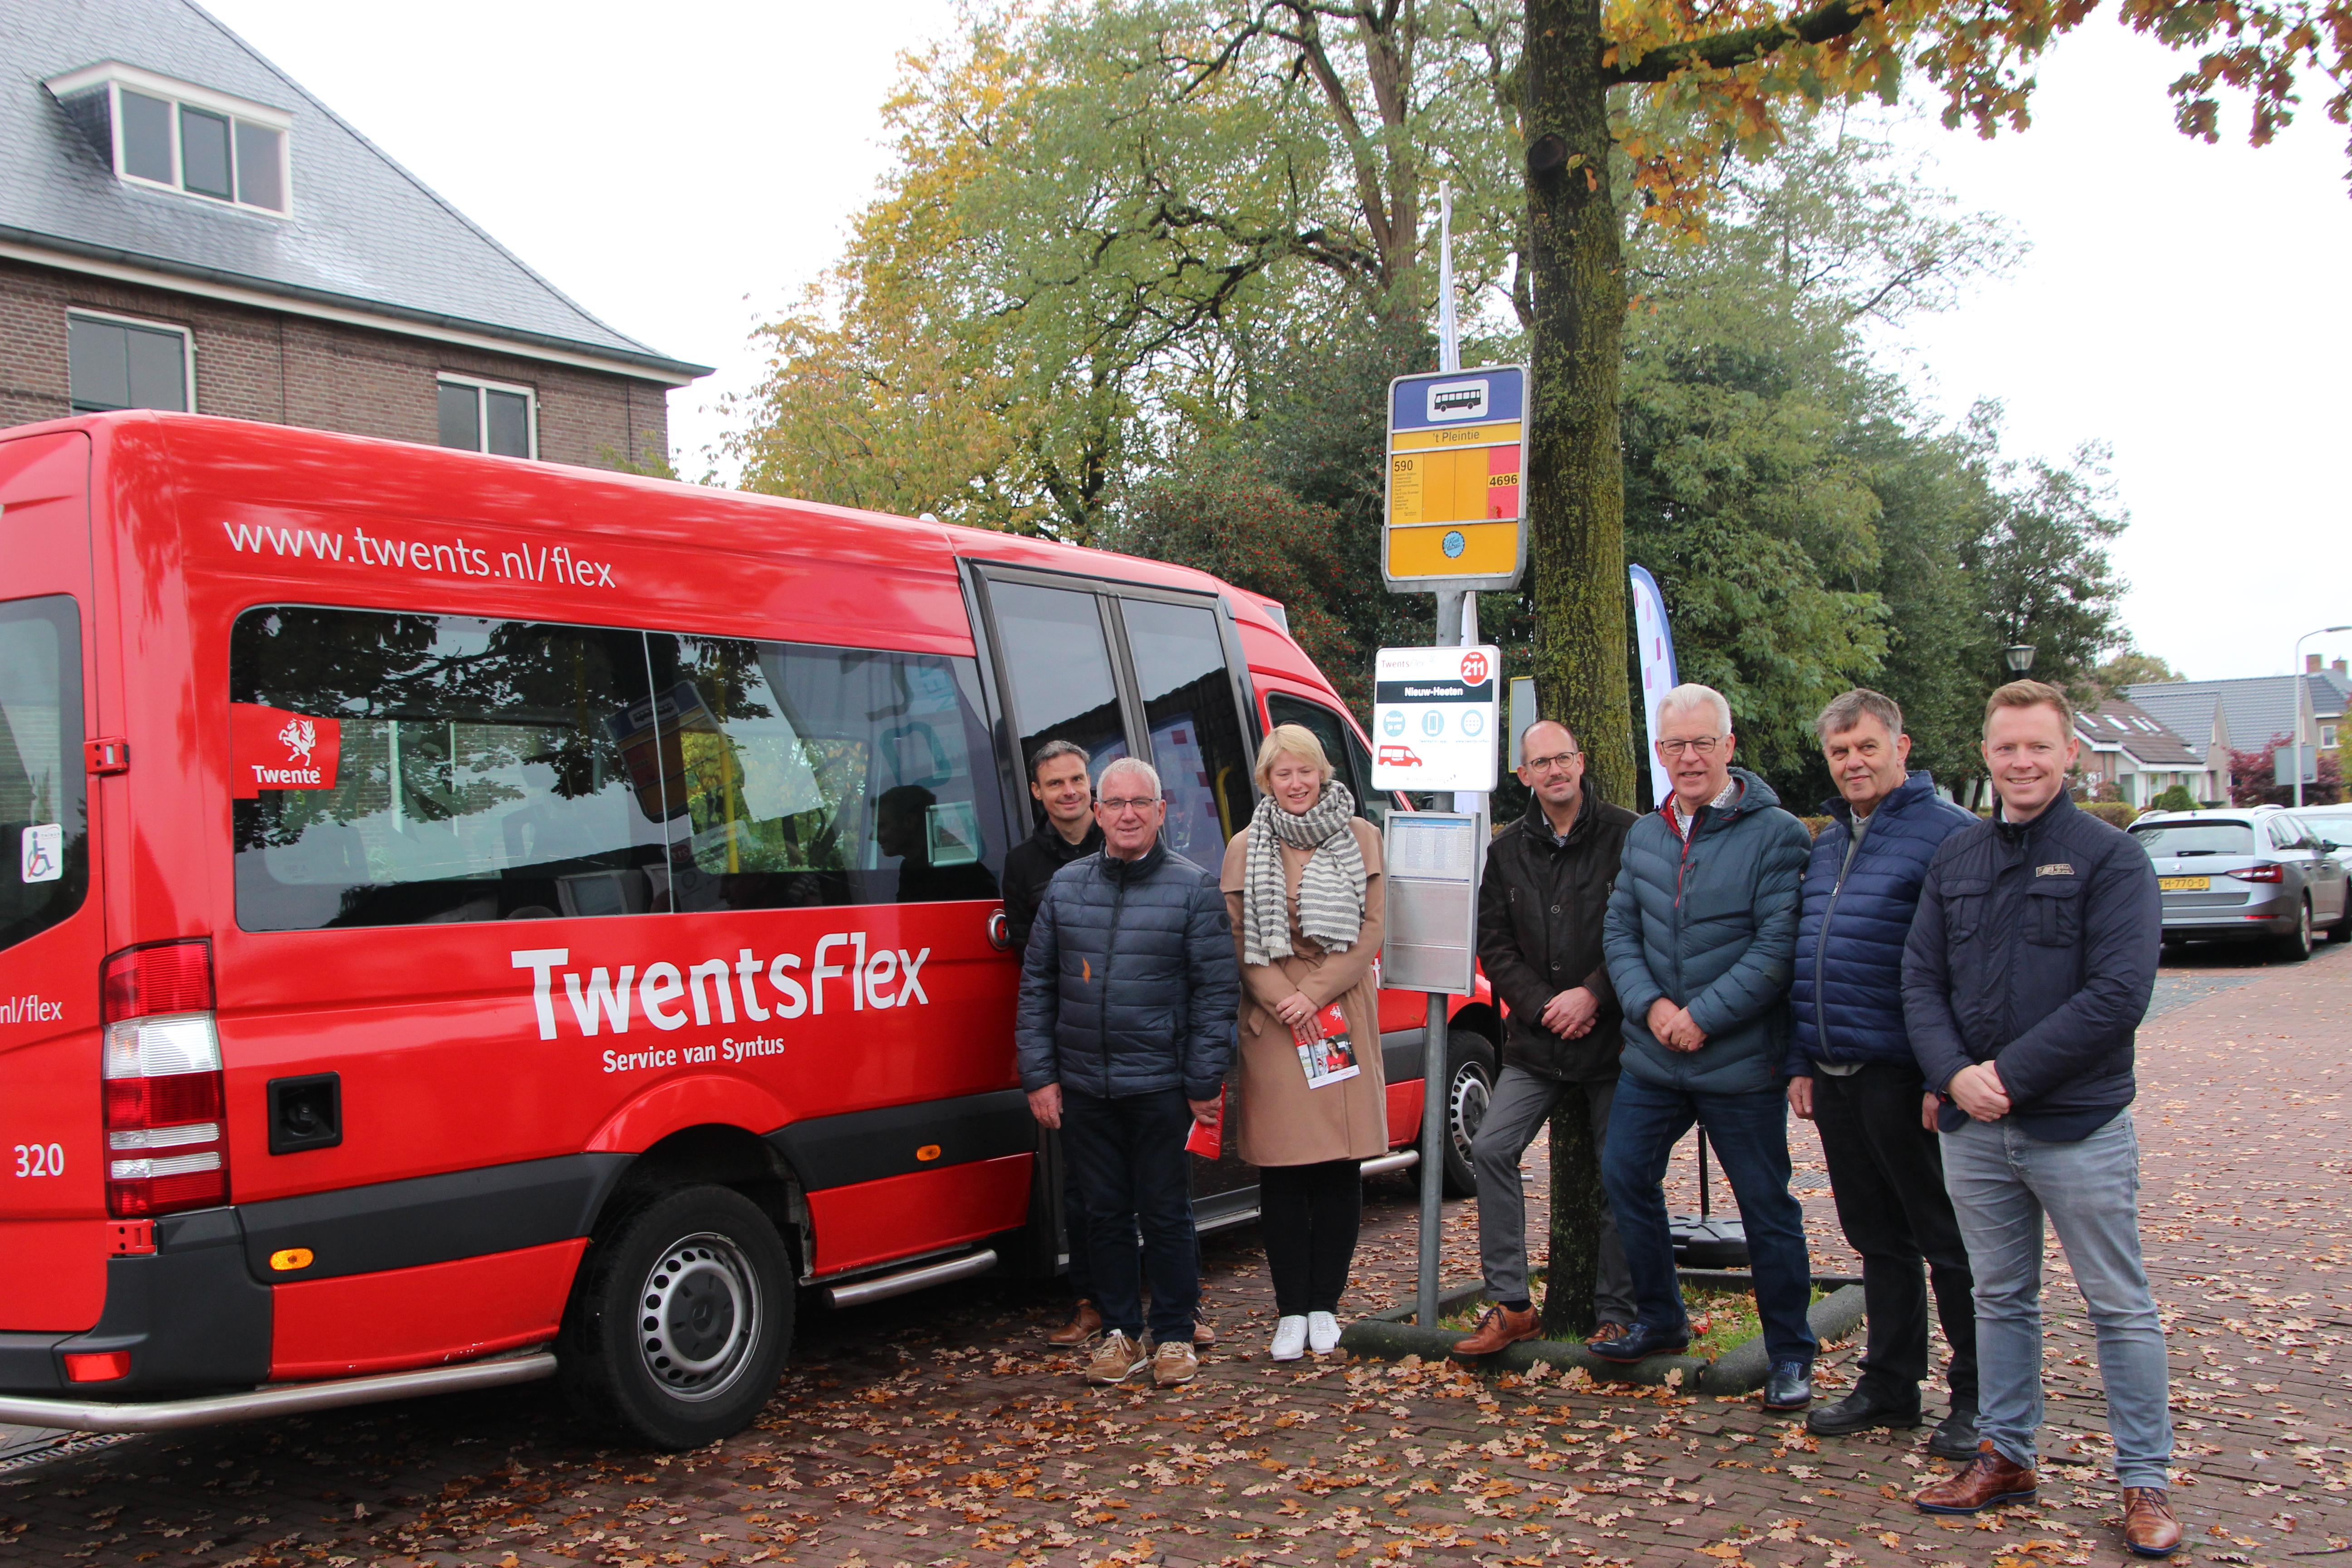 Nieuwe TwentsFlex halte in Nieuw Heeten biedt rechtstreekse verbinding tussen Rijssen-Holten en Deventer